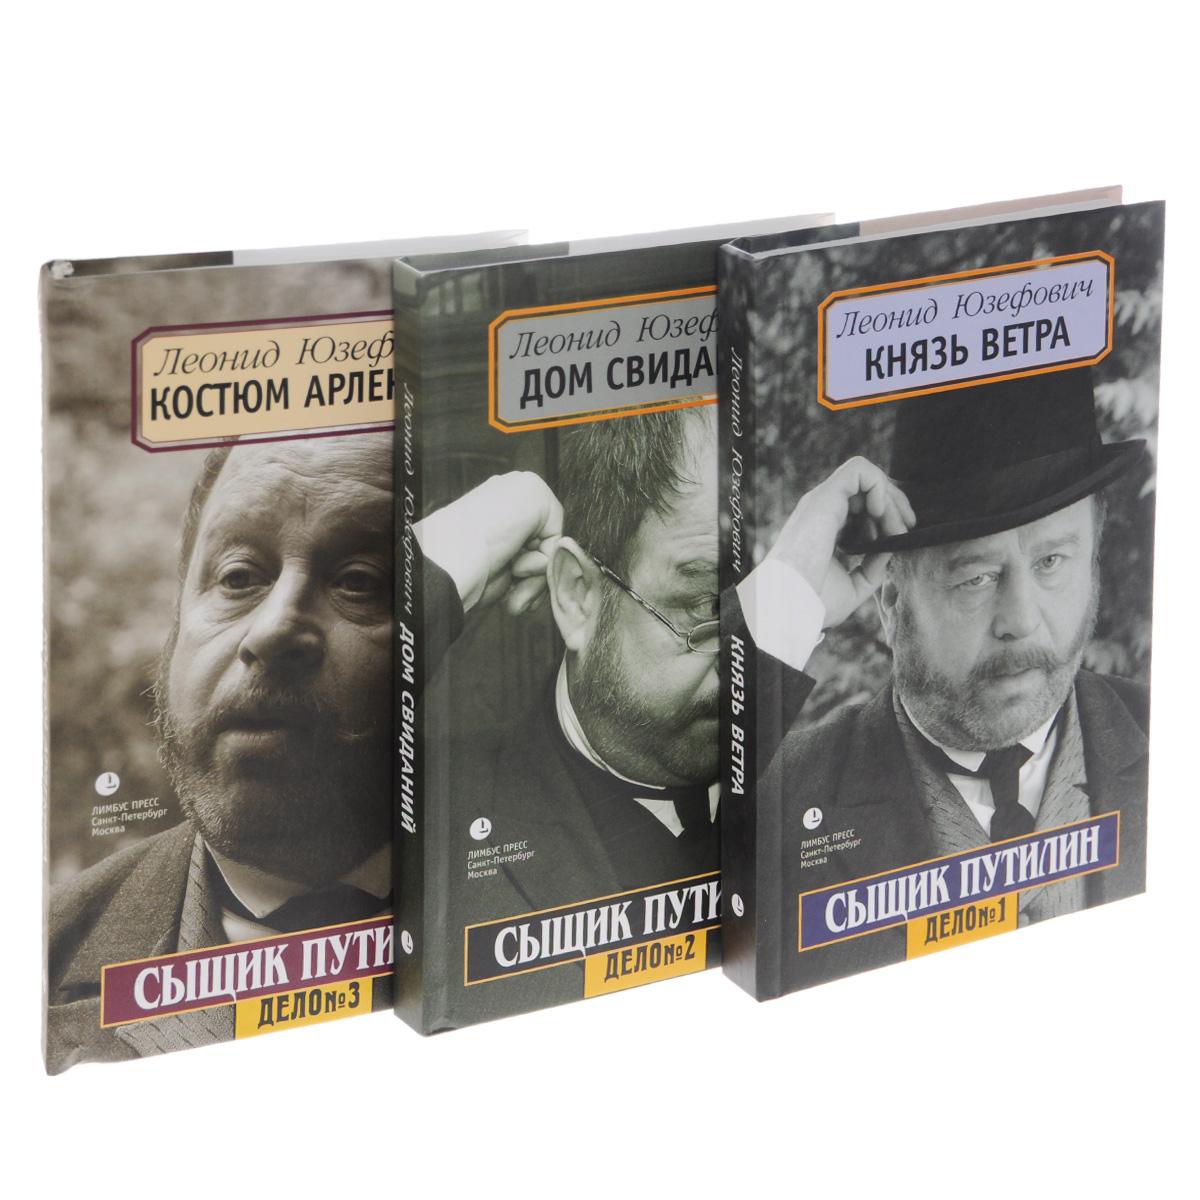 Сыщик Путилин (комплект из 3 книг)